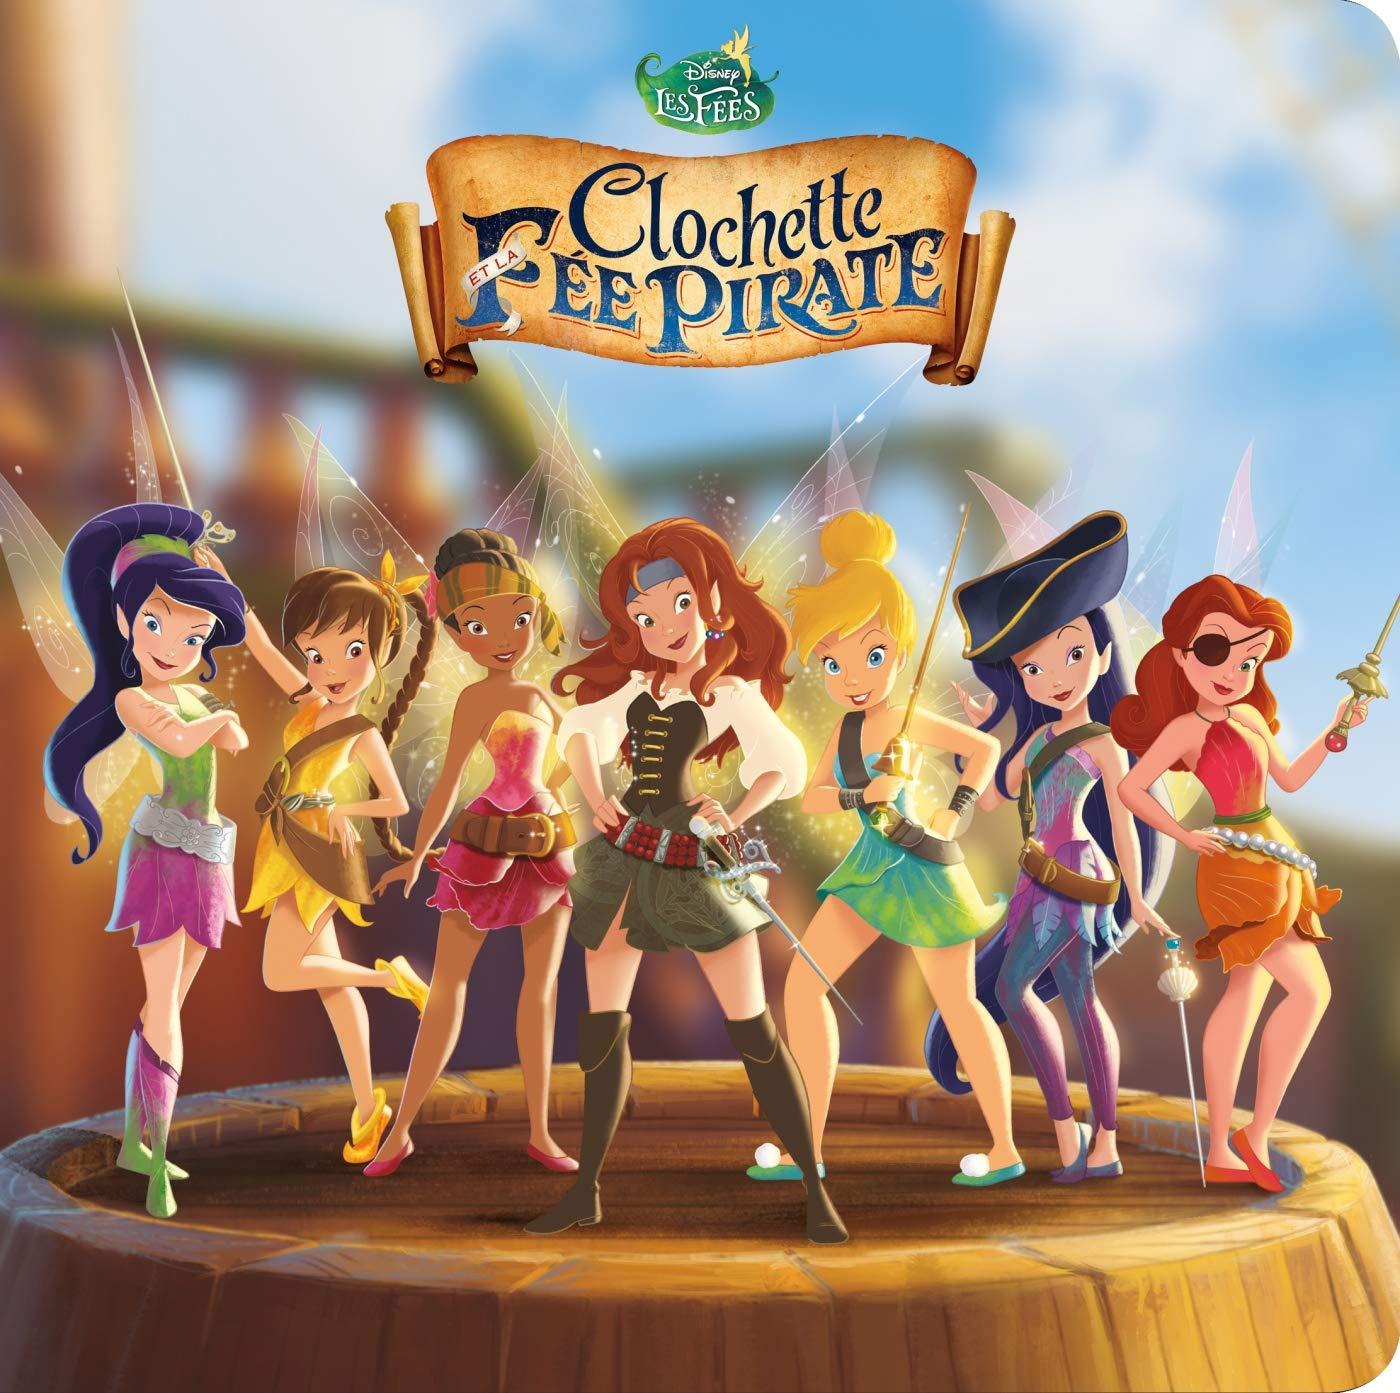 La Fee Clochette 5 Monde Enchante L Histoire Du Film Disney Clochette Et La Fee Pirate French Edition 9782017054894 Amazon Com Books